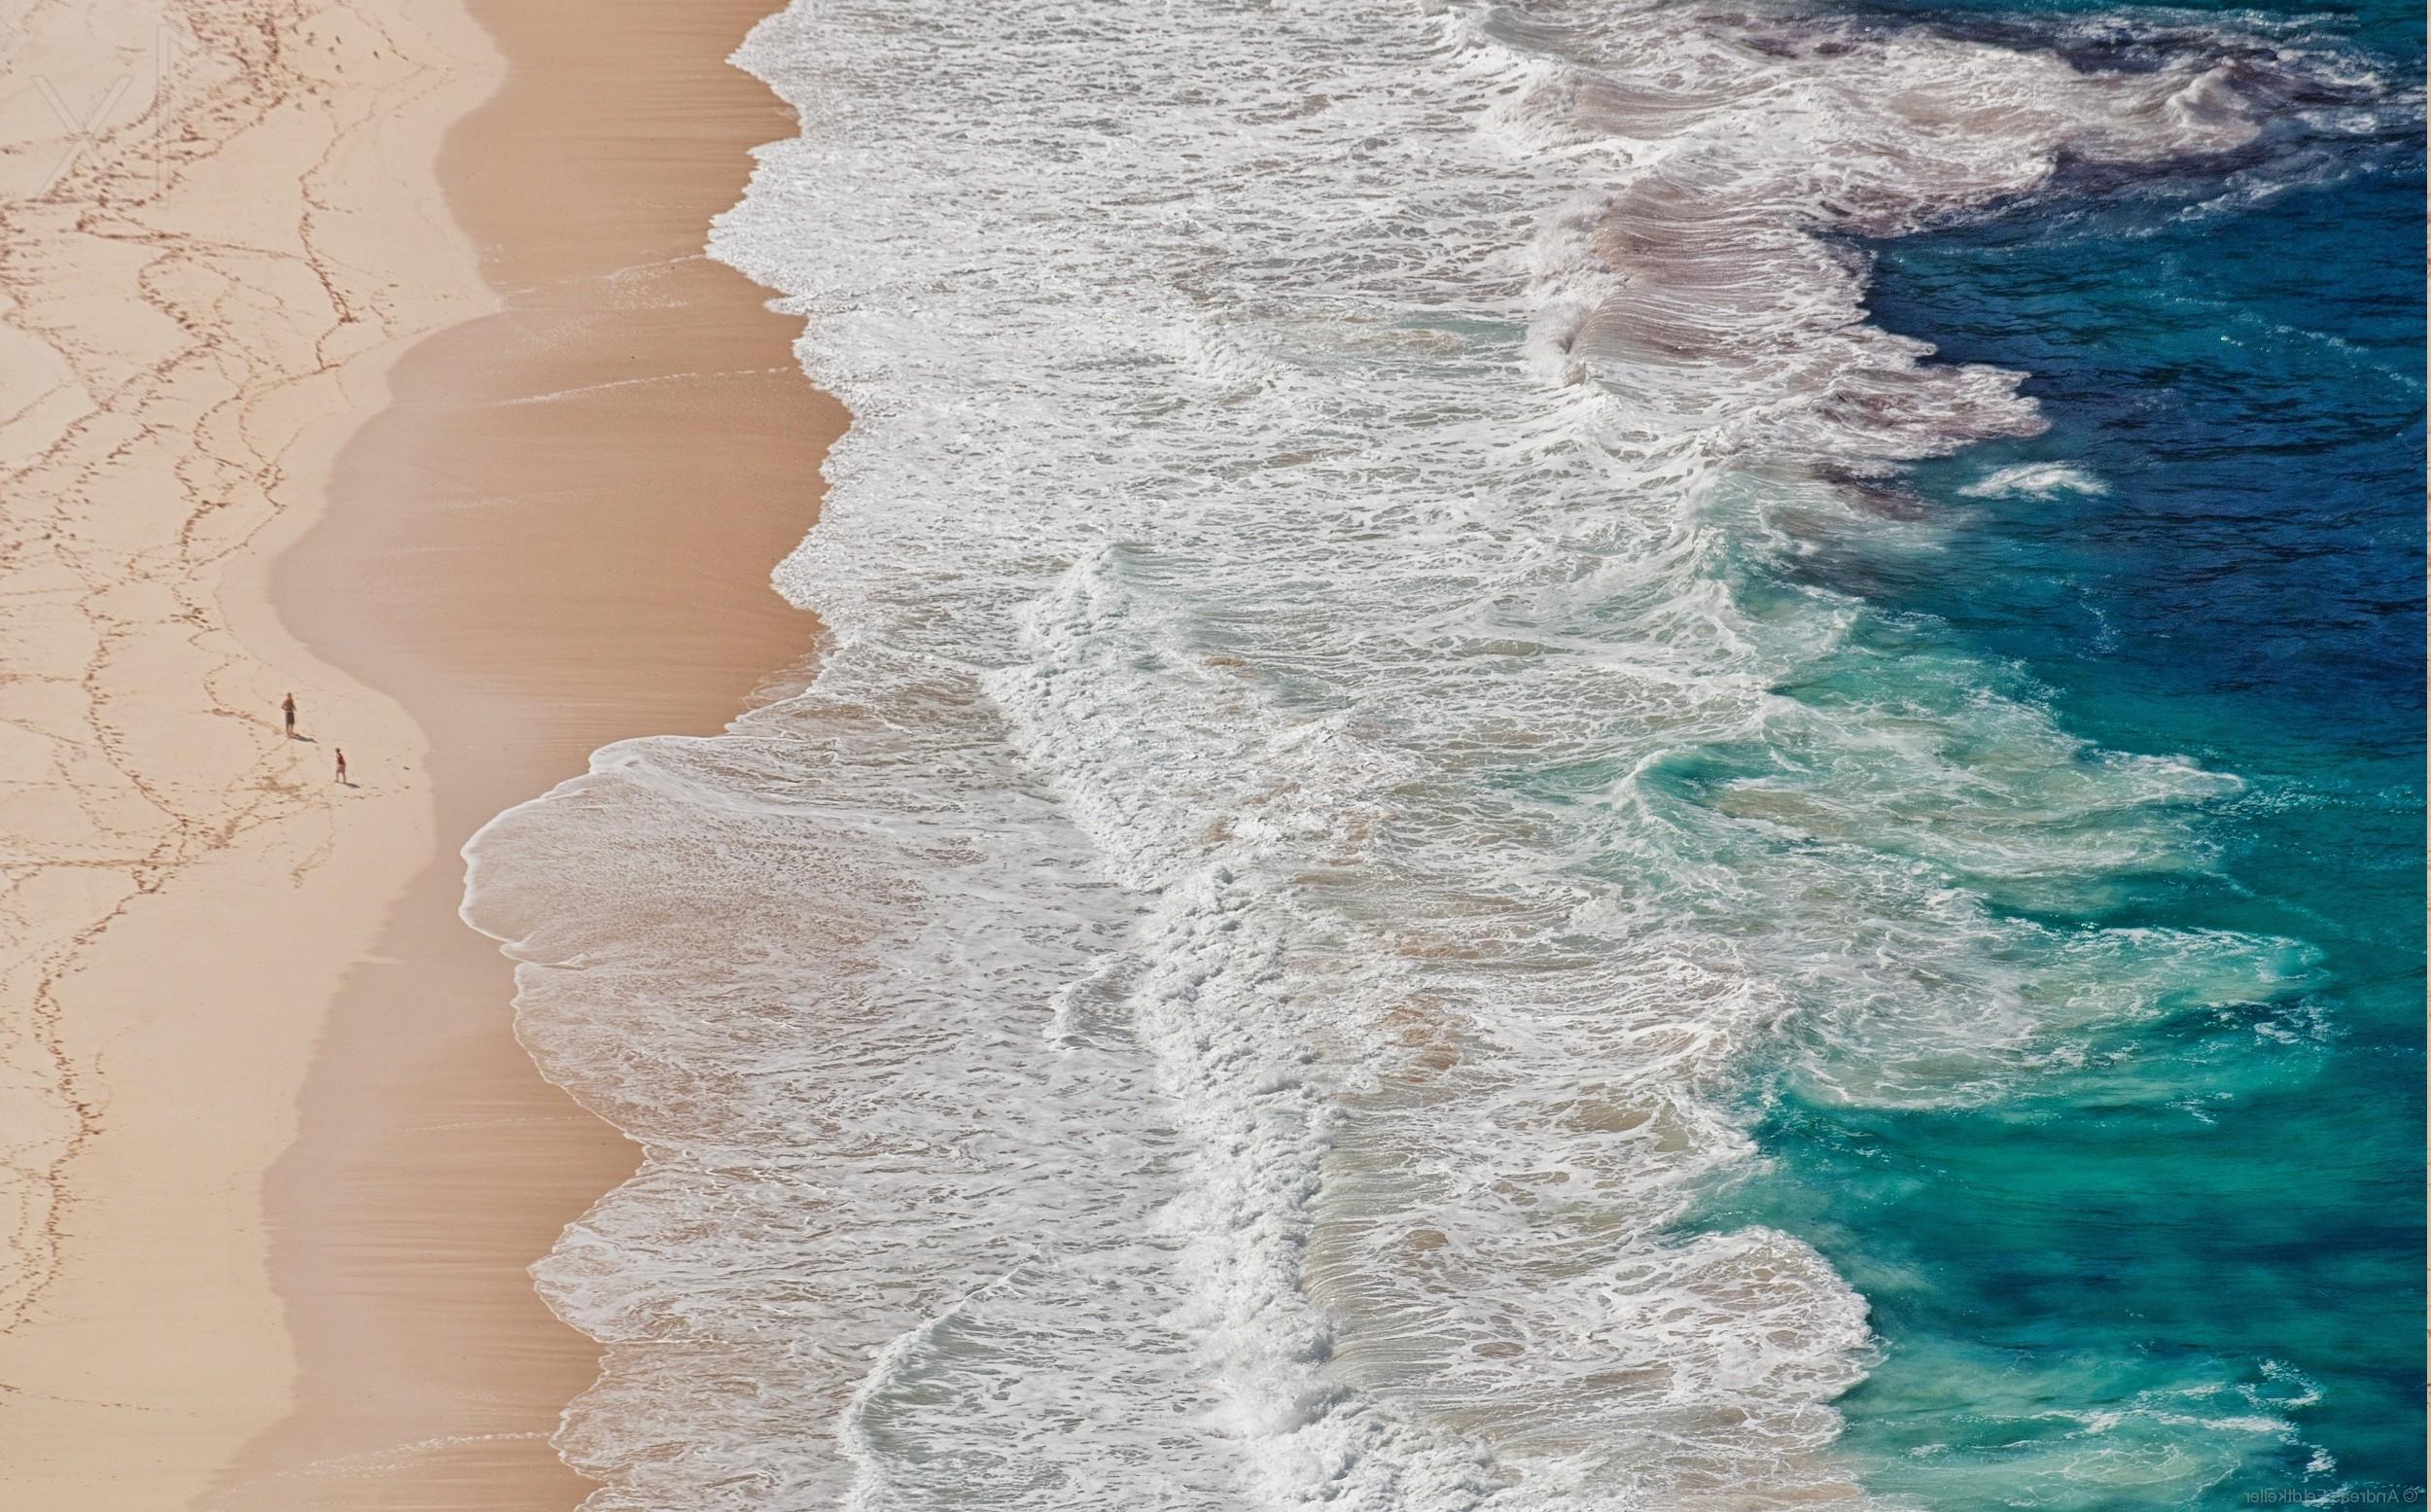 положенное время картинки моря с песком вертикальные вид сверху на обои строятся